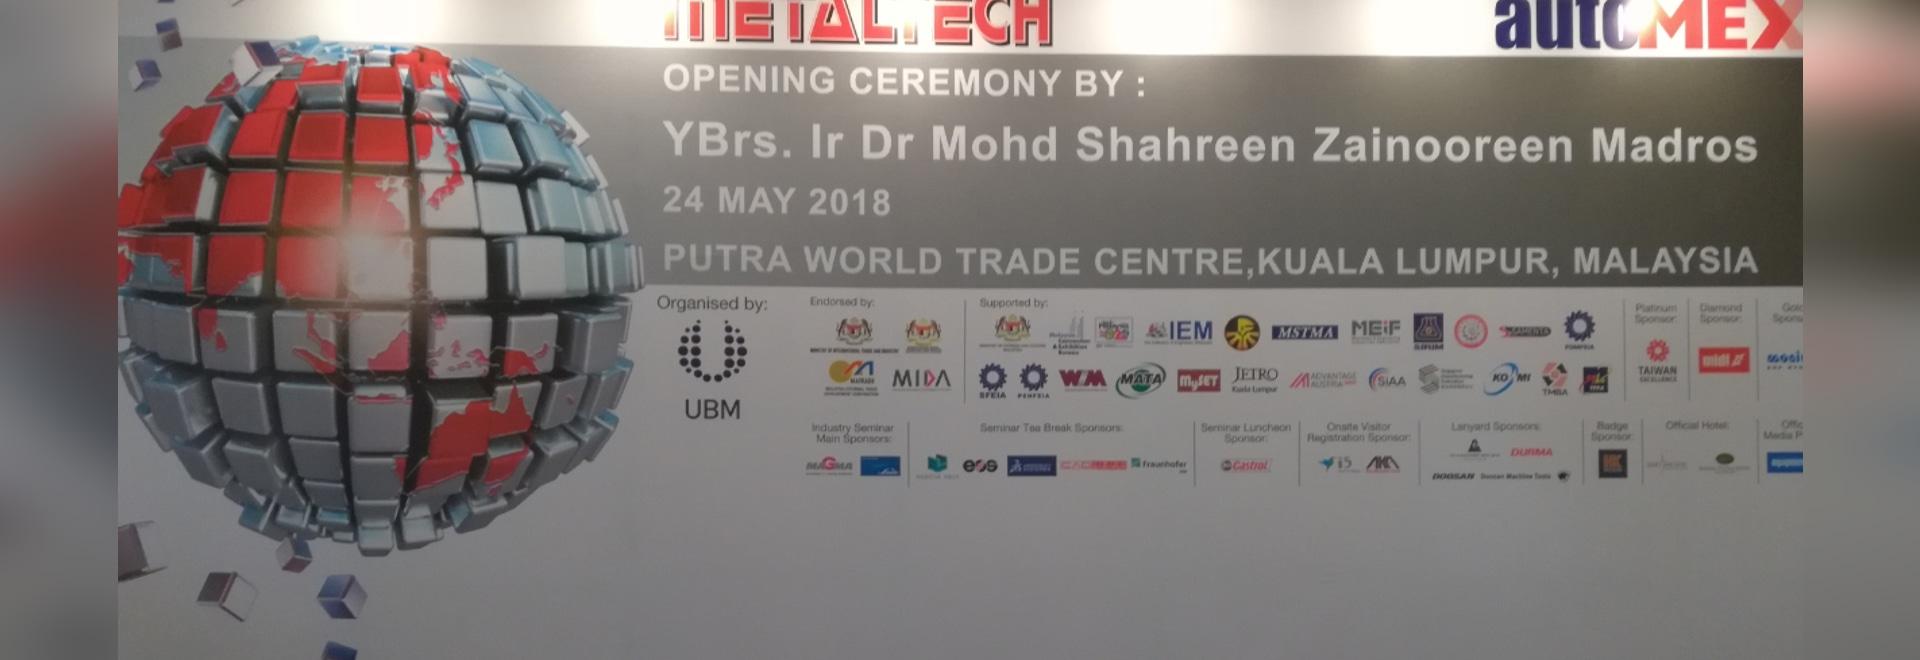 Jianlong ha partecipato con successo nel 2018 la Malesia Automex